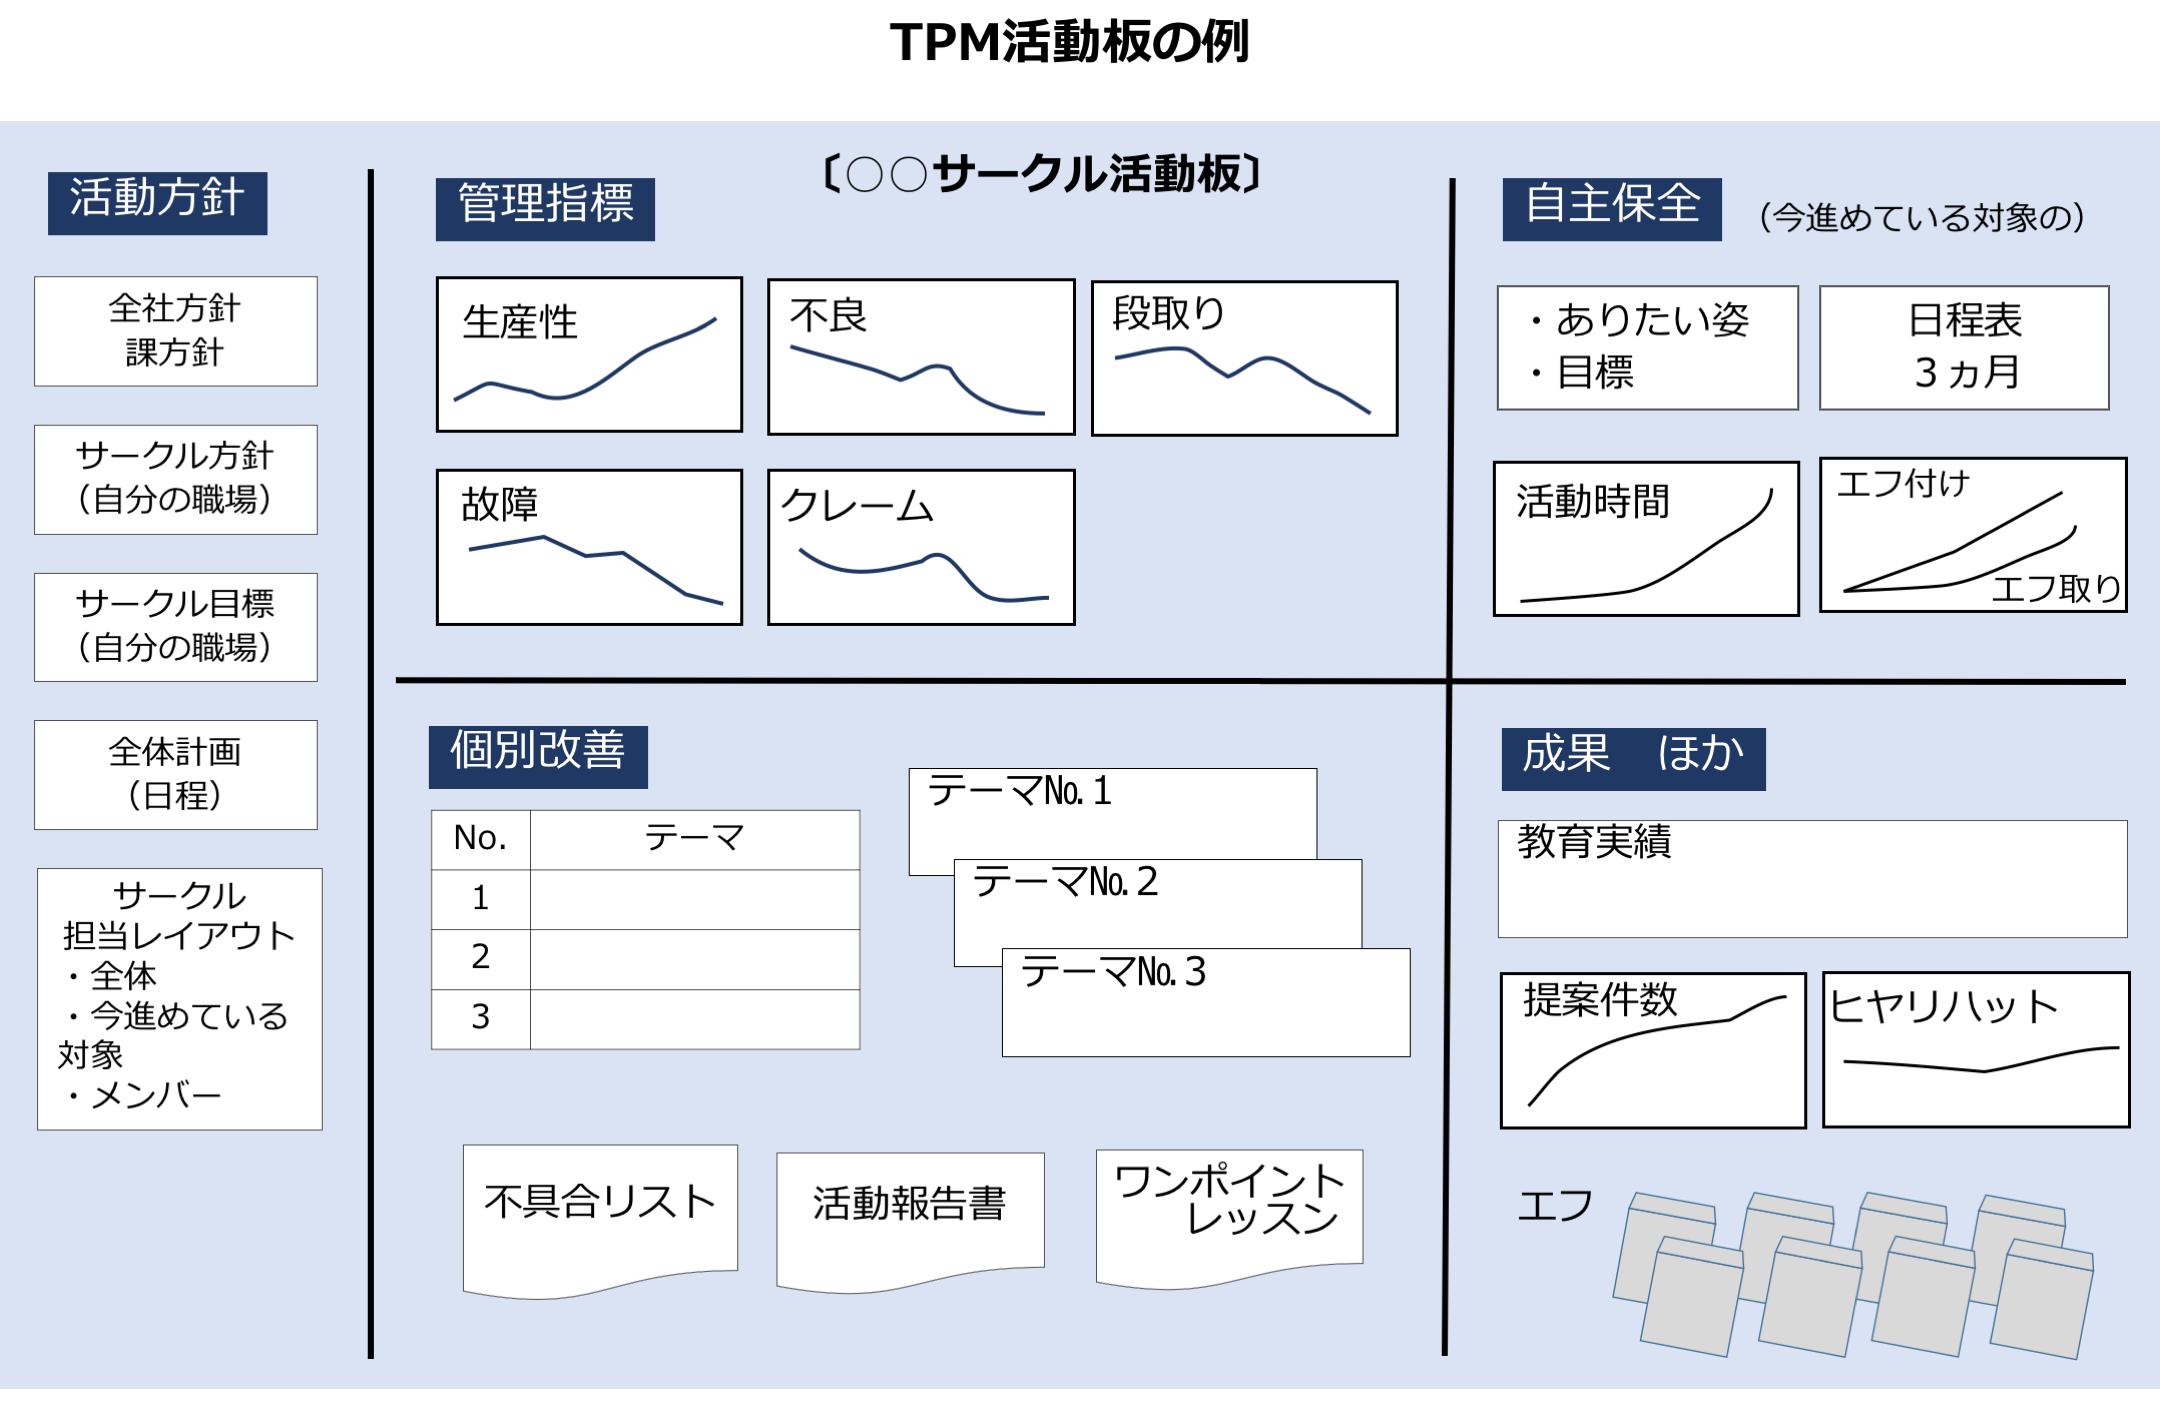 jishuhozen_activityboard.png